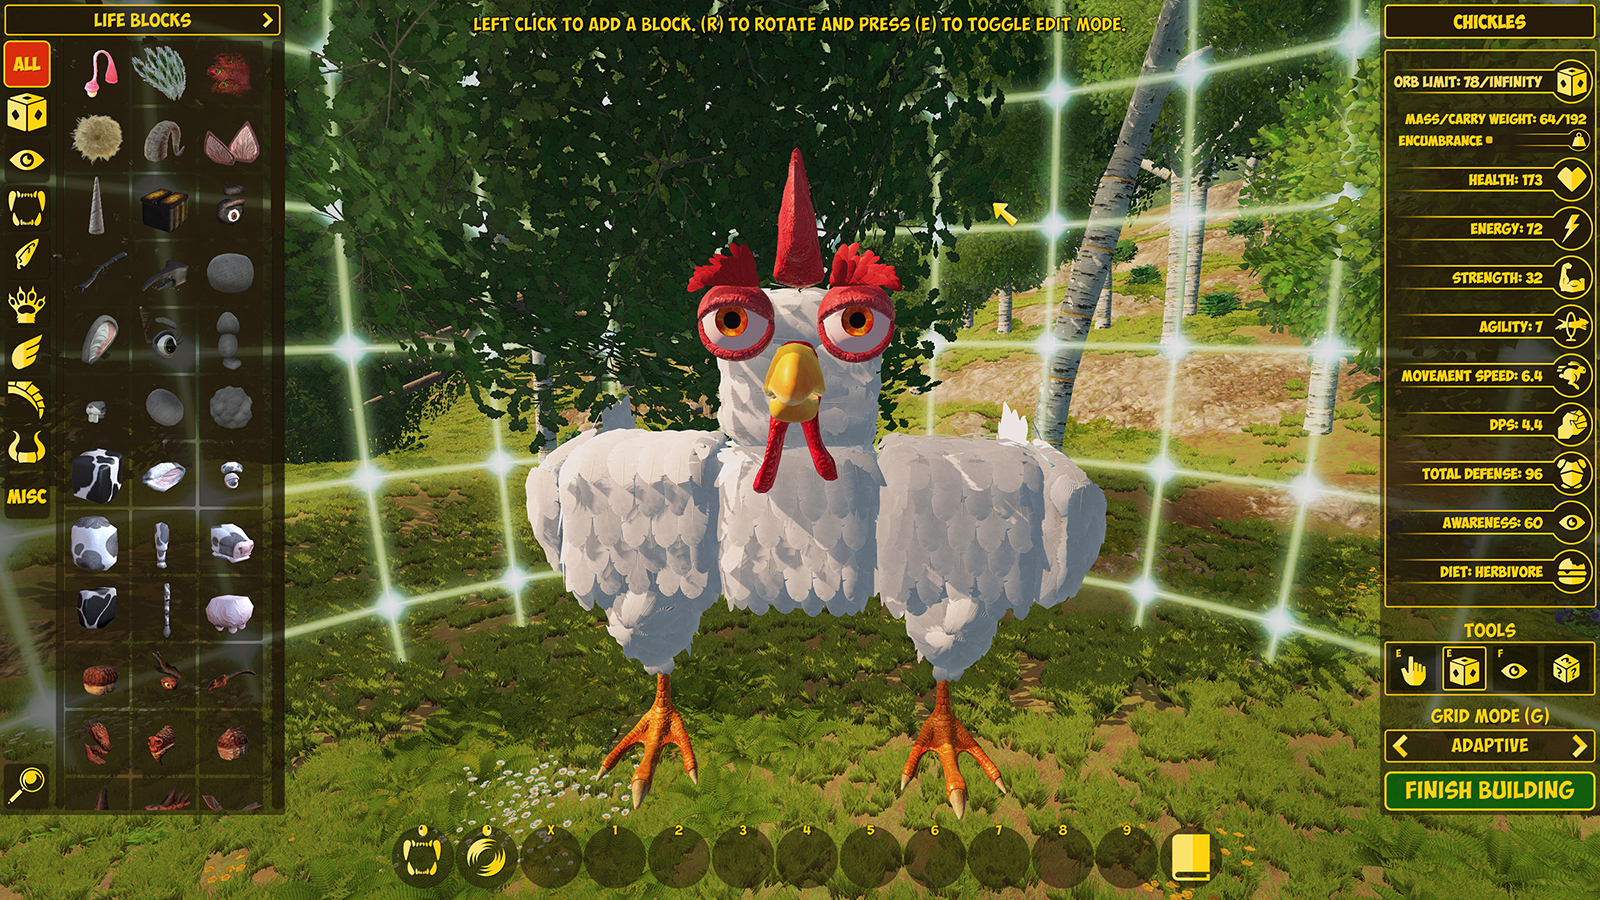 newcreaturebuilderchicken may201